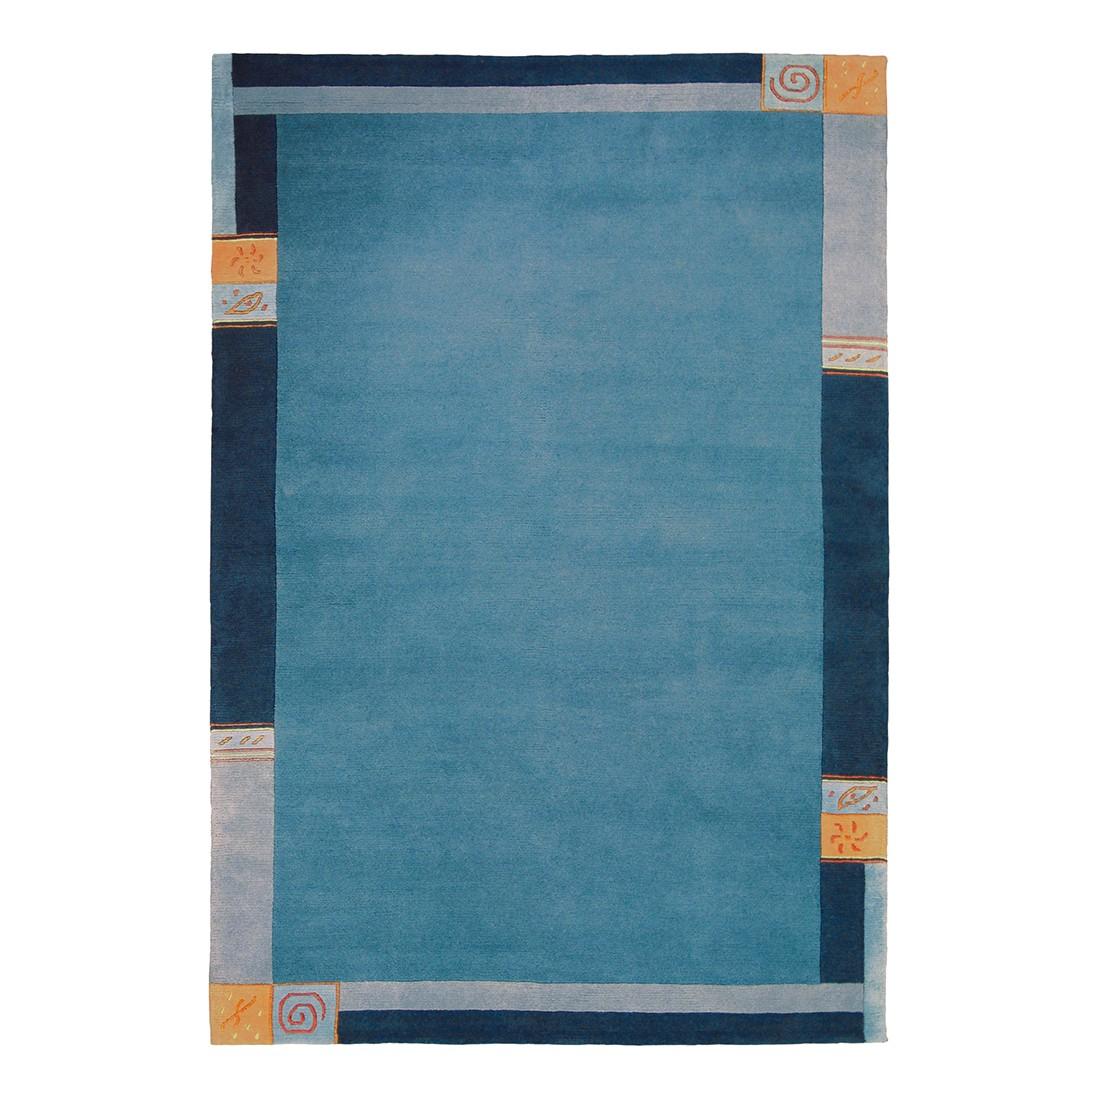 Teppich Bordo – Blau – 90 x 160 cm, Luxor living günstig online kaufen